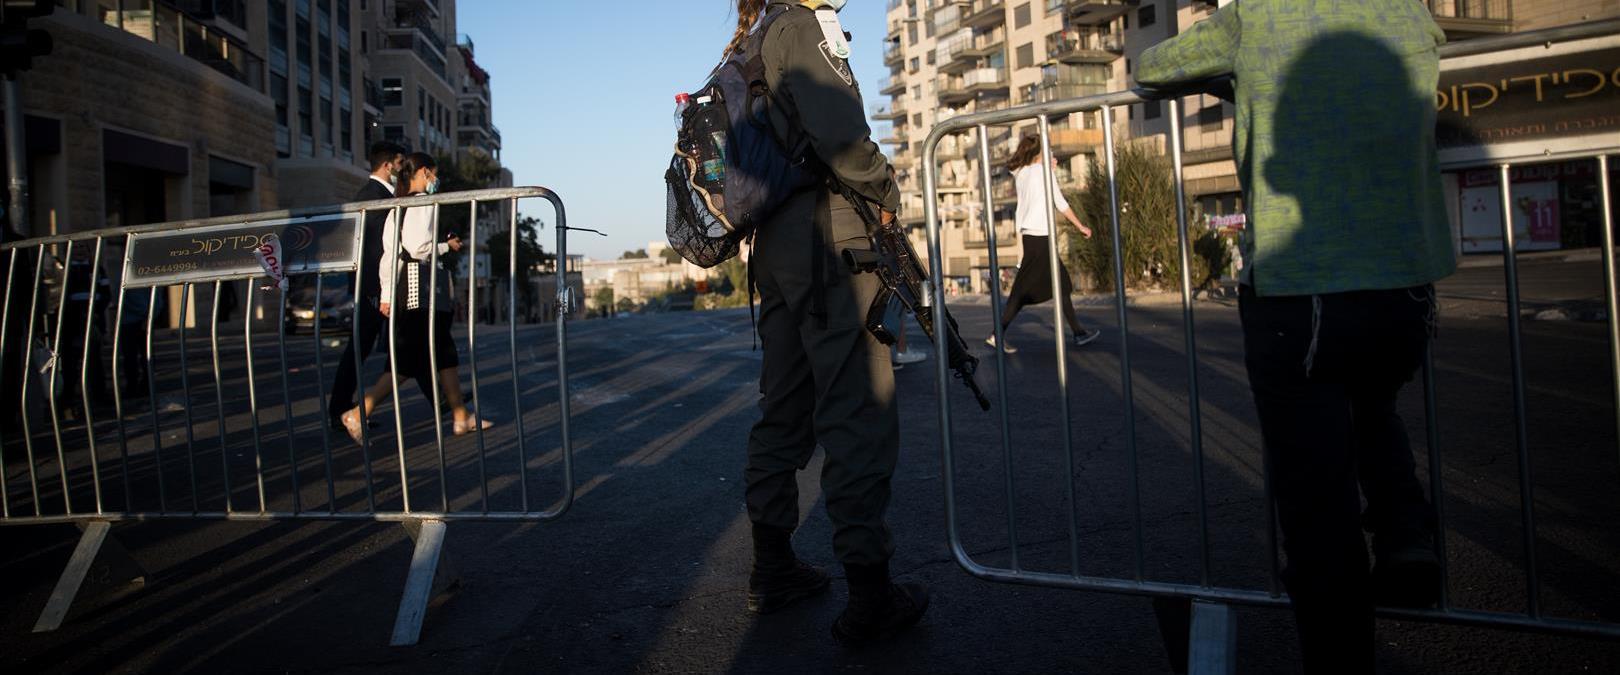 Couvre-feu prévu pendant les fêtes de Pourim en Israël